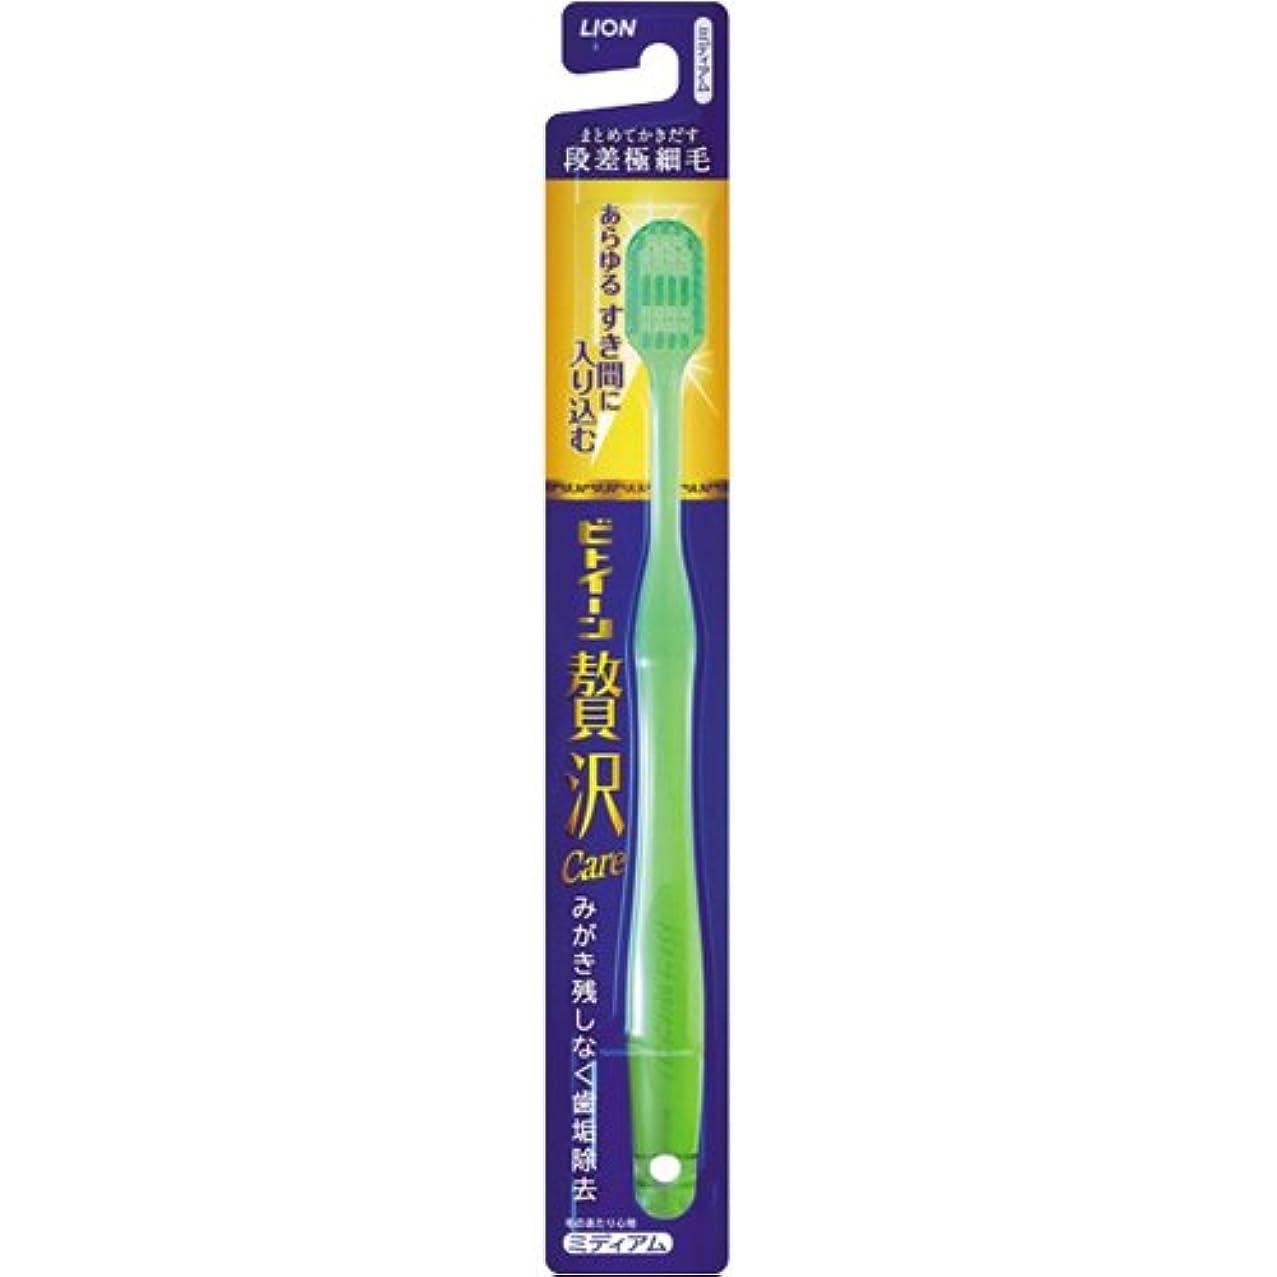 ストレンジャー恐怖規制ビトイーンゼイタクケア(Care) ミディアム × 10個セット